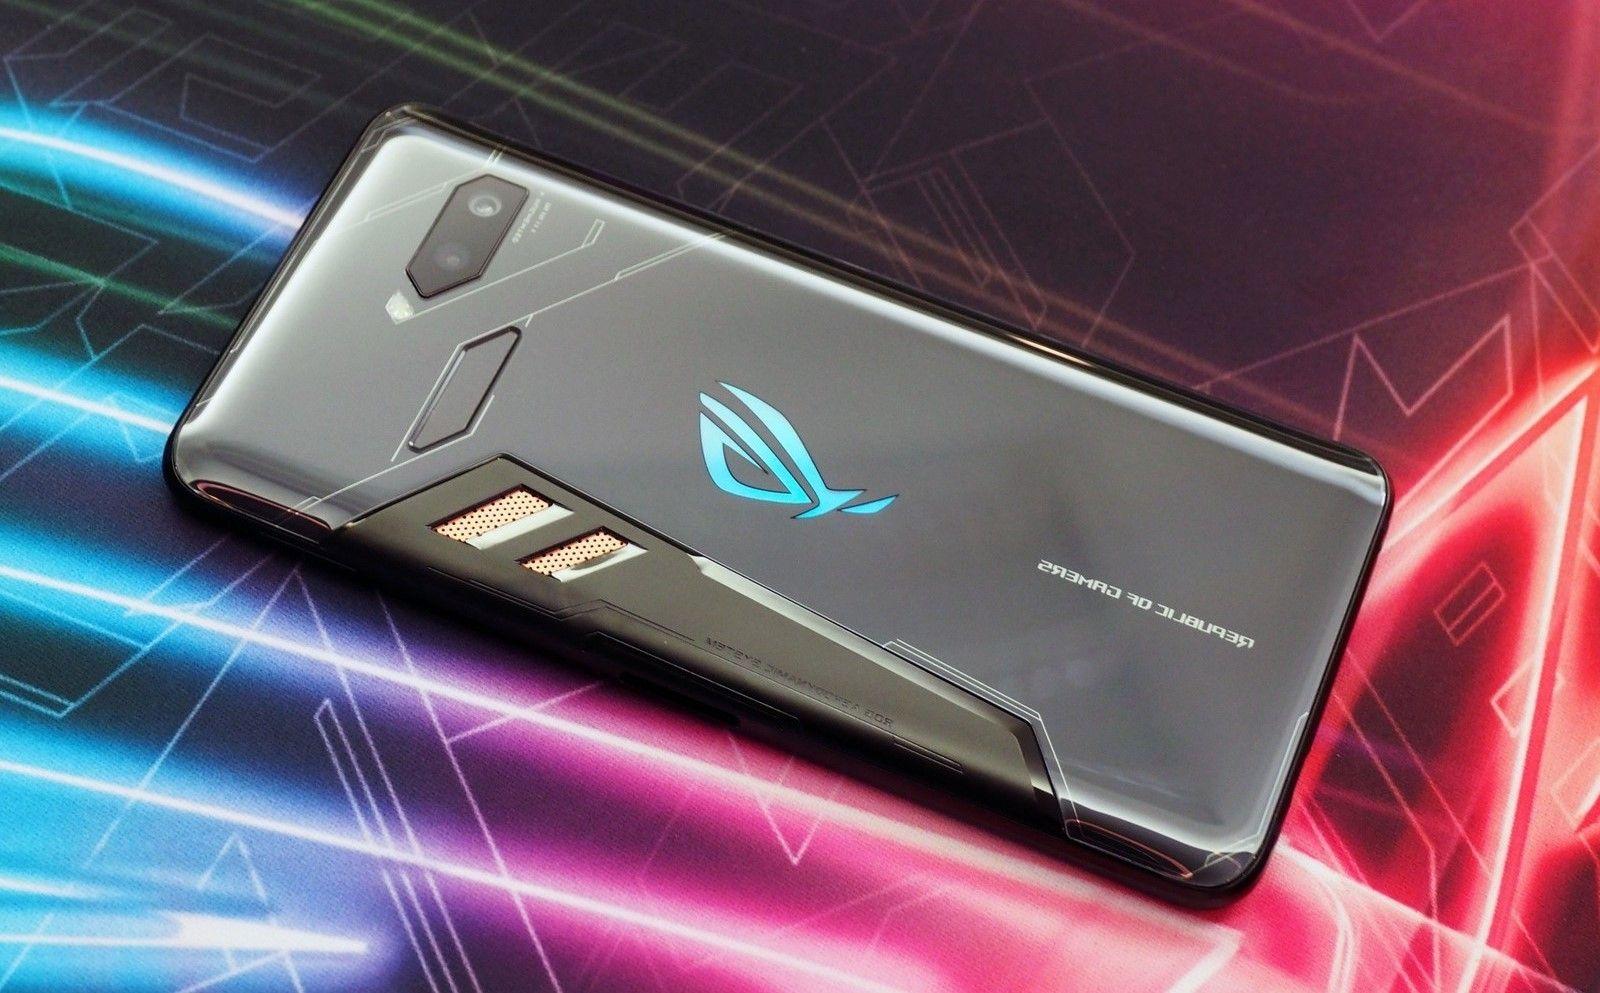 Asus ROG Phone Resmi Dikenalkan, Harga nya? (Dengan gambar